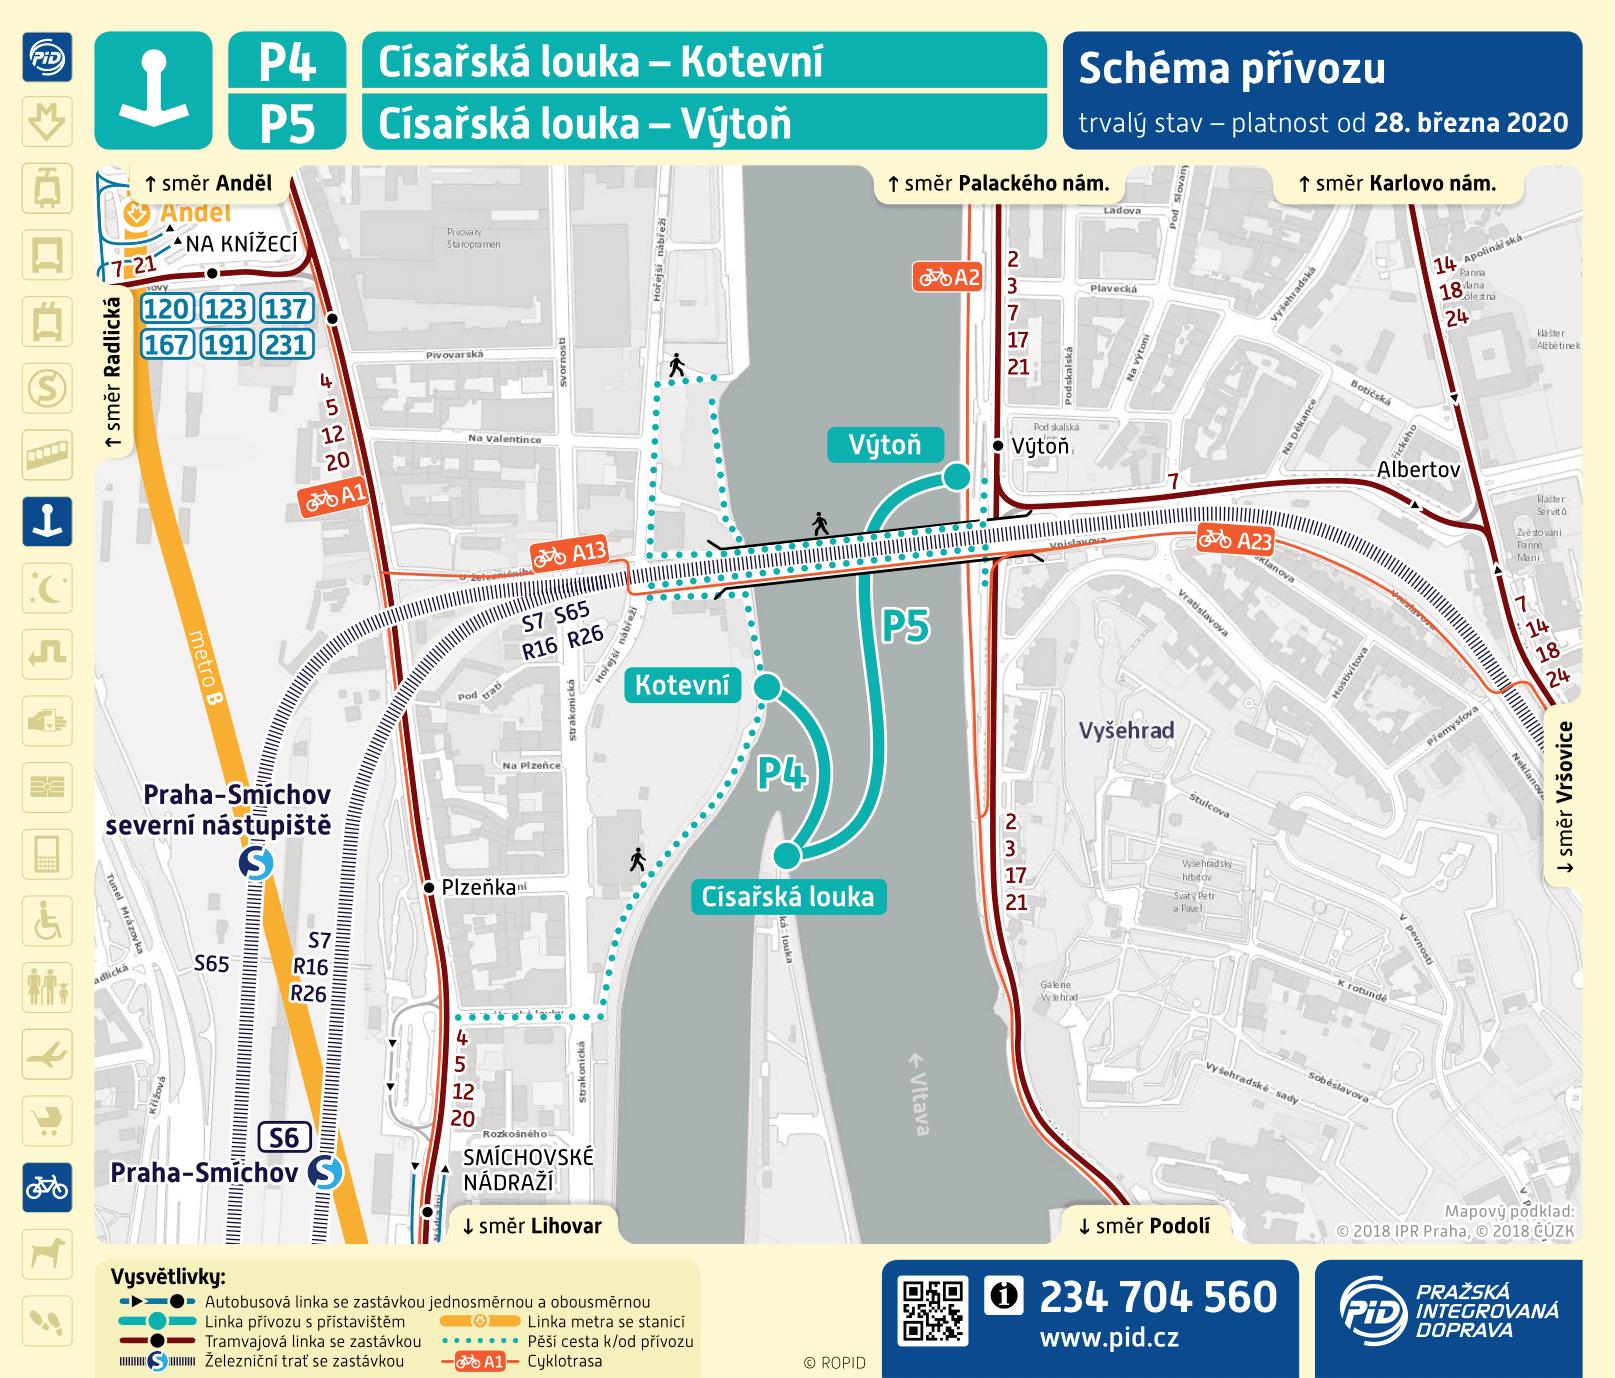 Mapa trasy přívozu P3 | Pražské Benátky